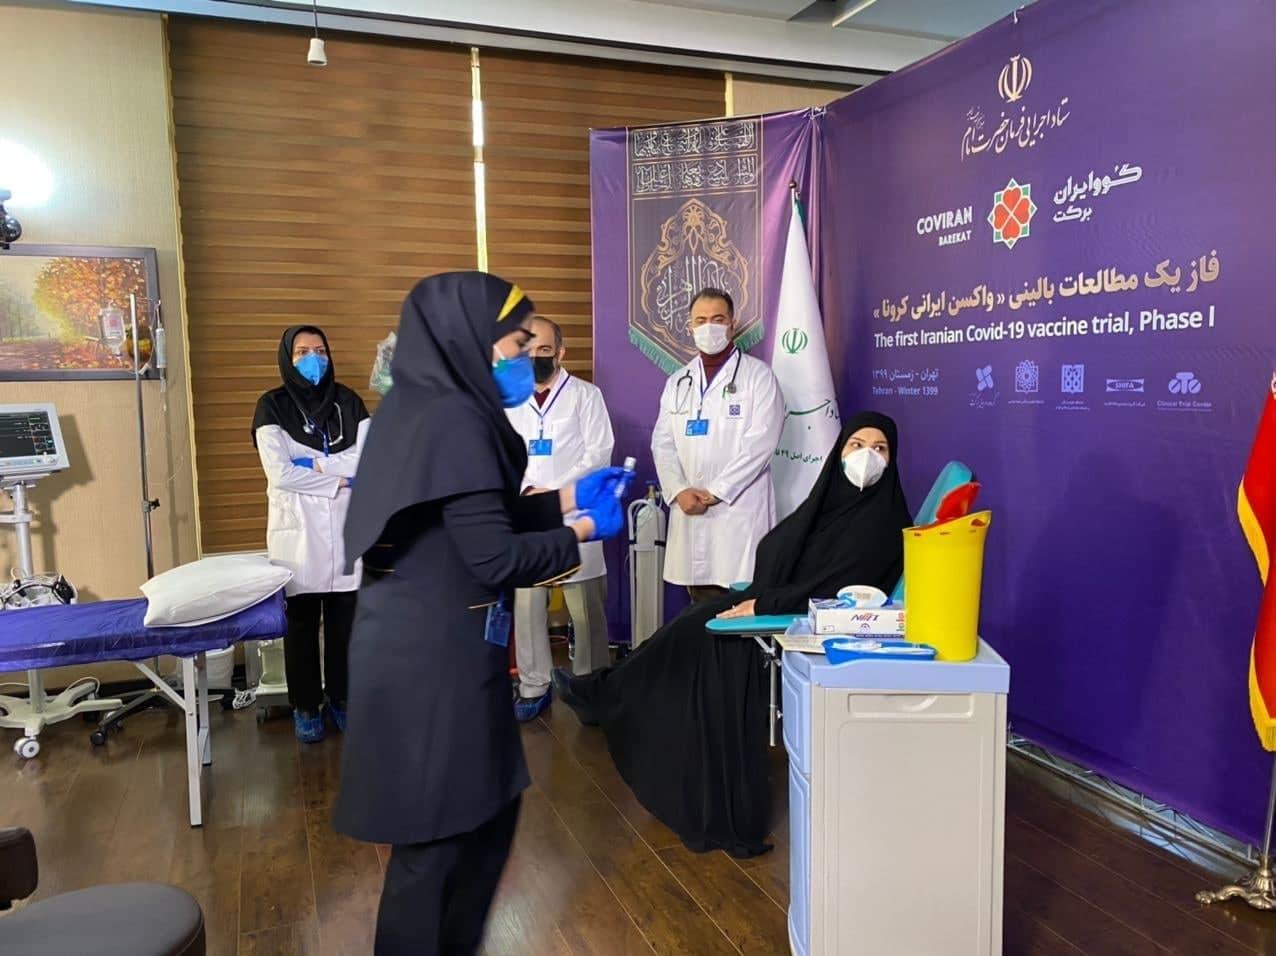 اولین زنی که واکسن ایرانی کرونا زد